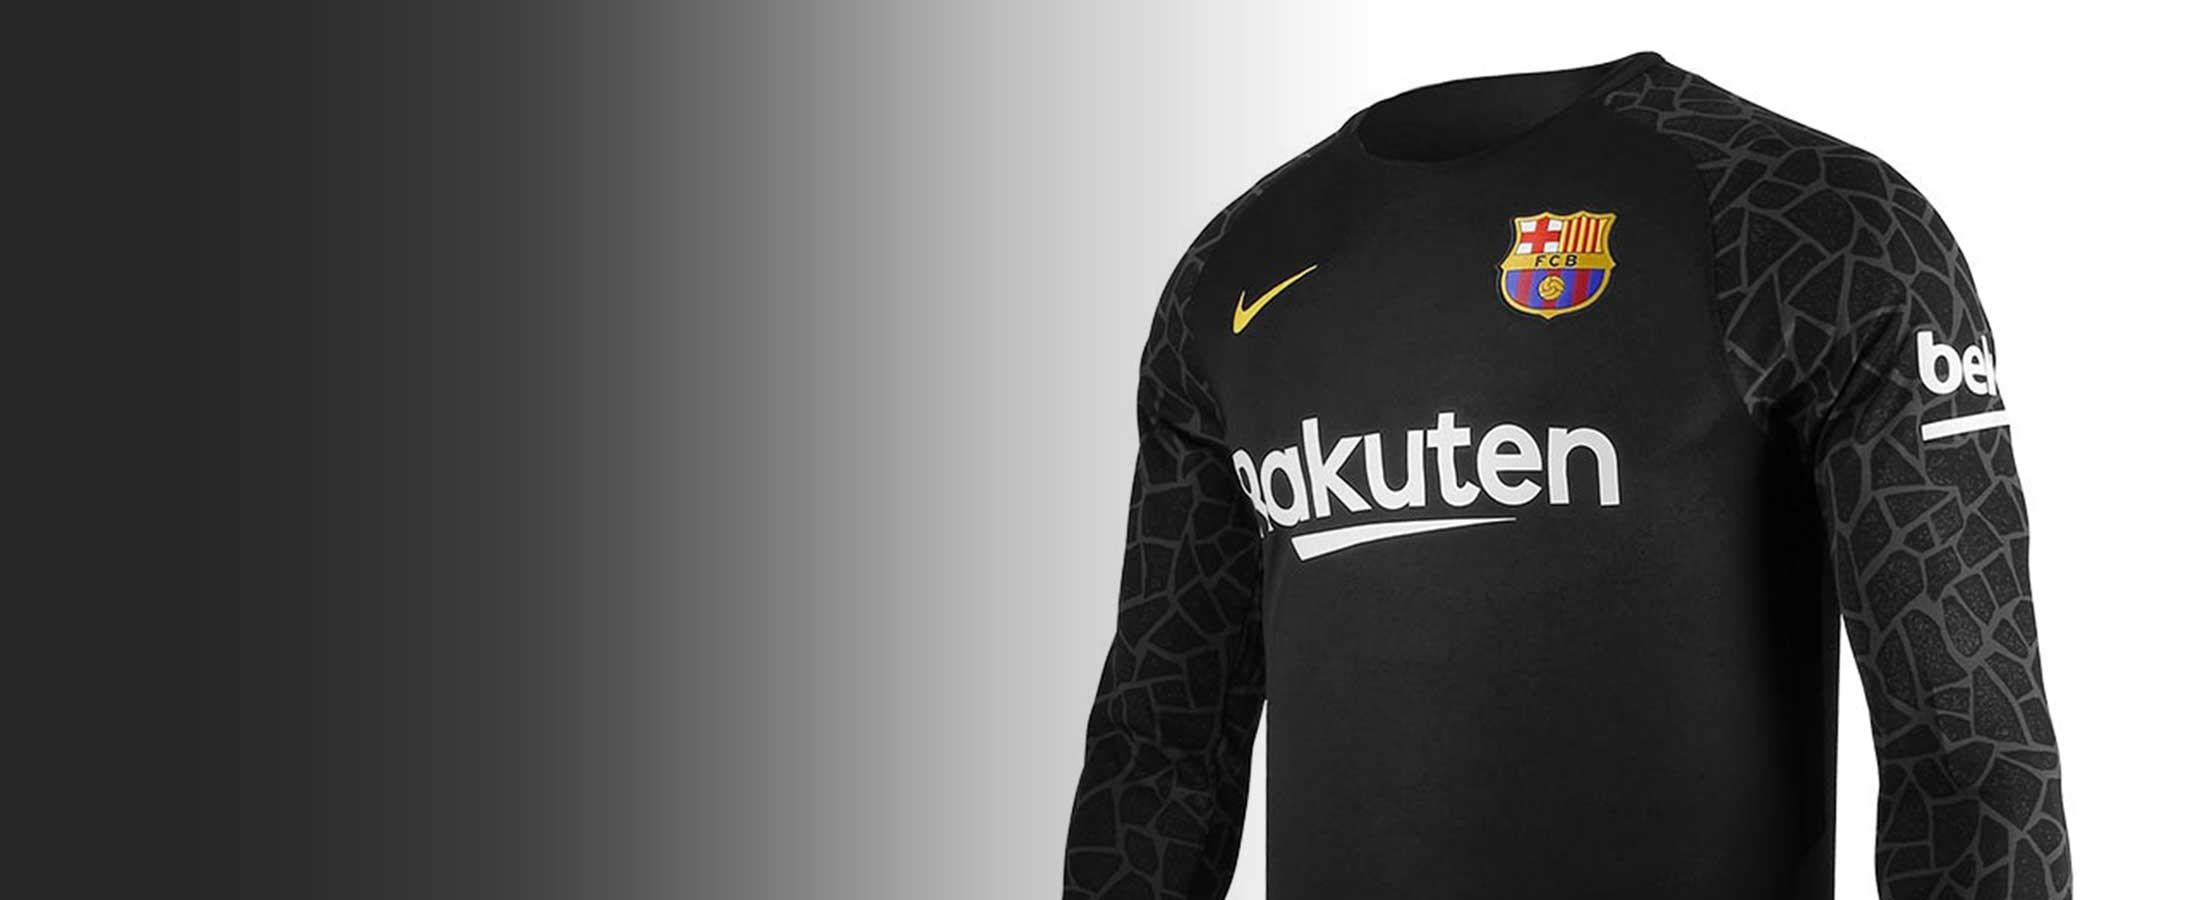 Equipaciones oficiales de portero del FC Barcelona